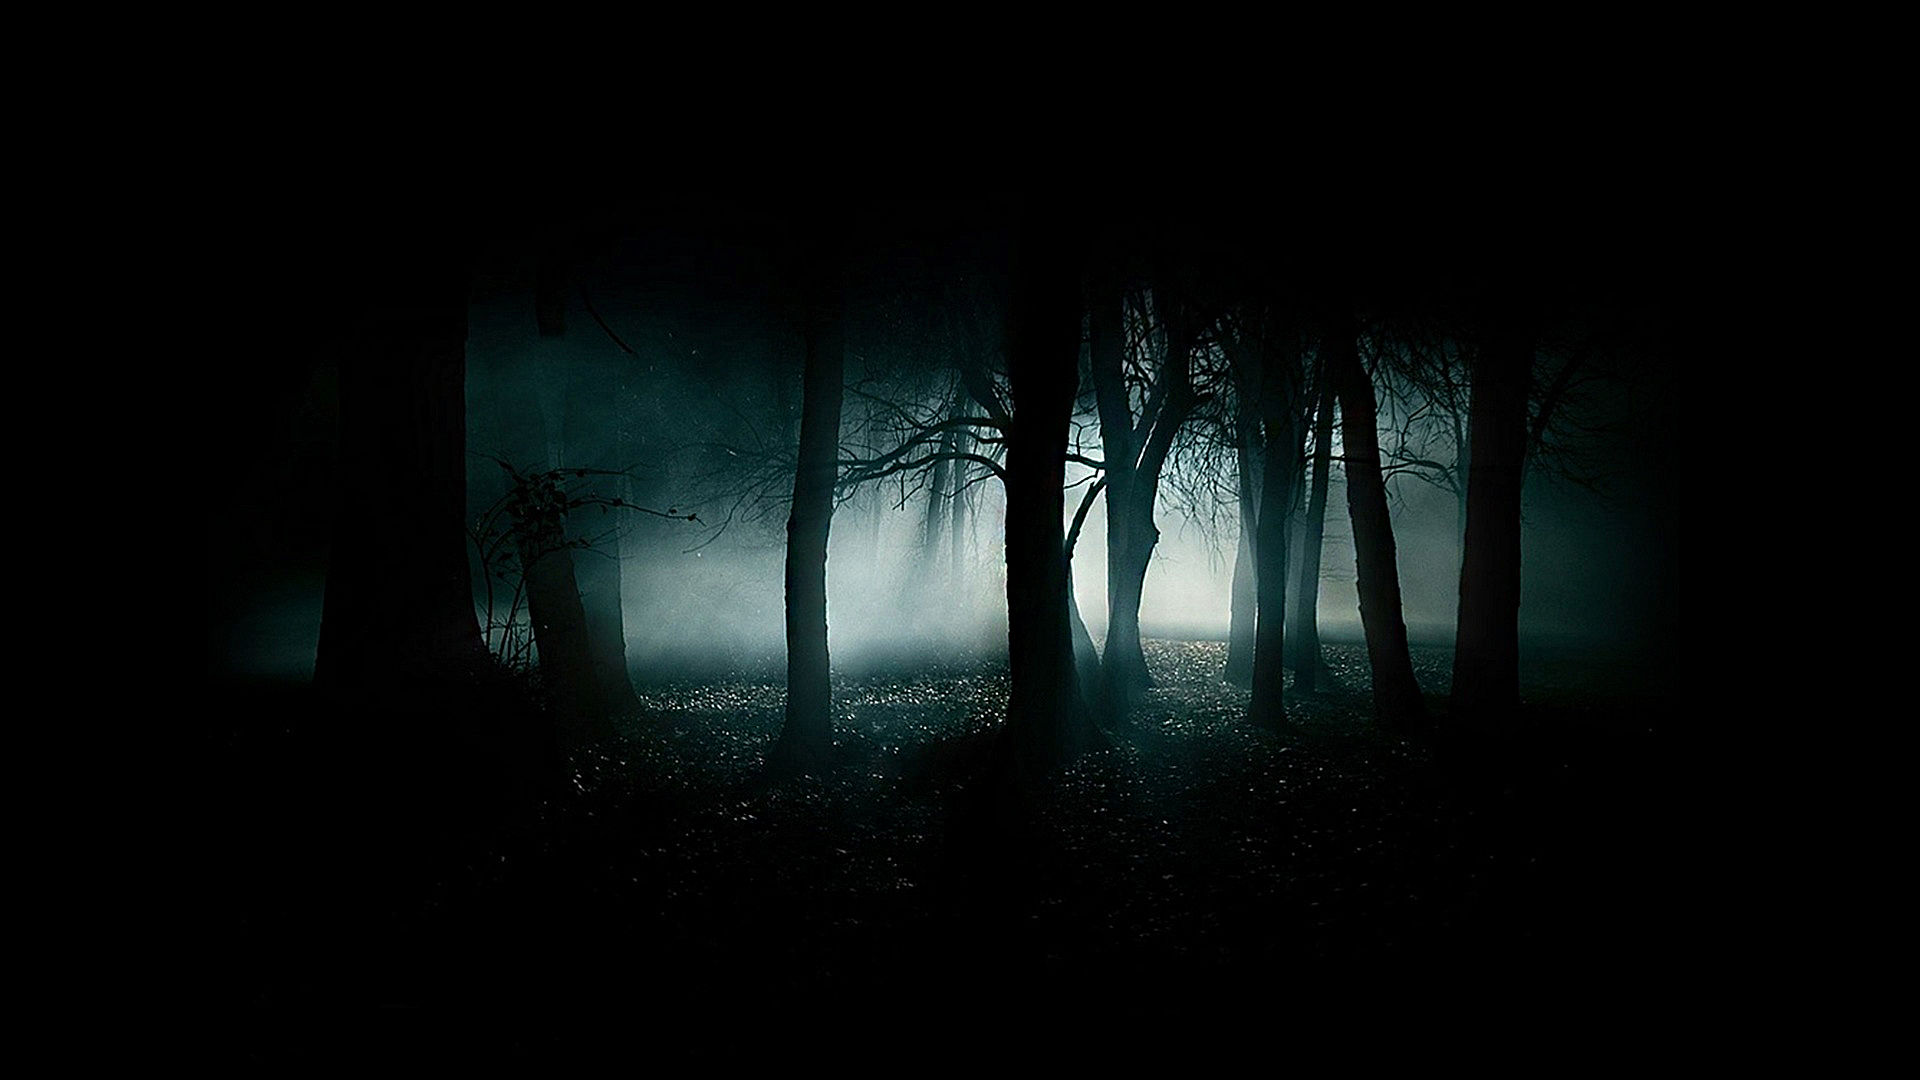 Undercover vue de la nuit impr visibles f roces animaux for Fond ecran sombre